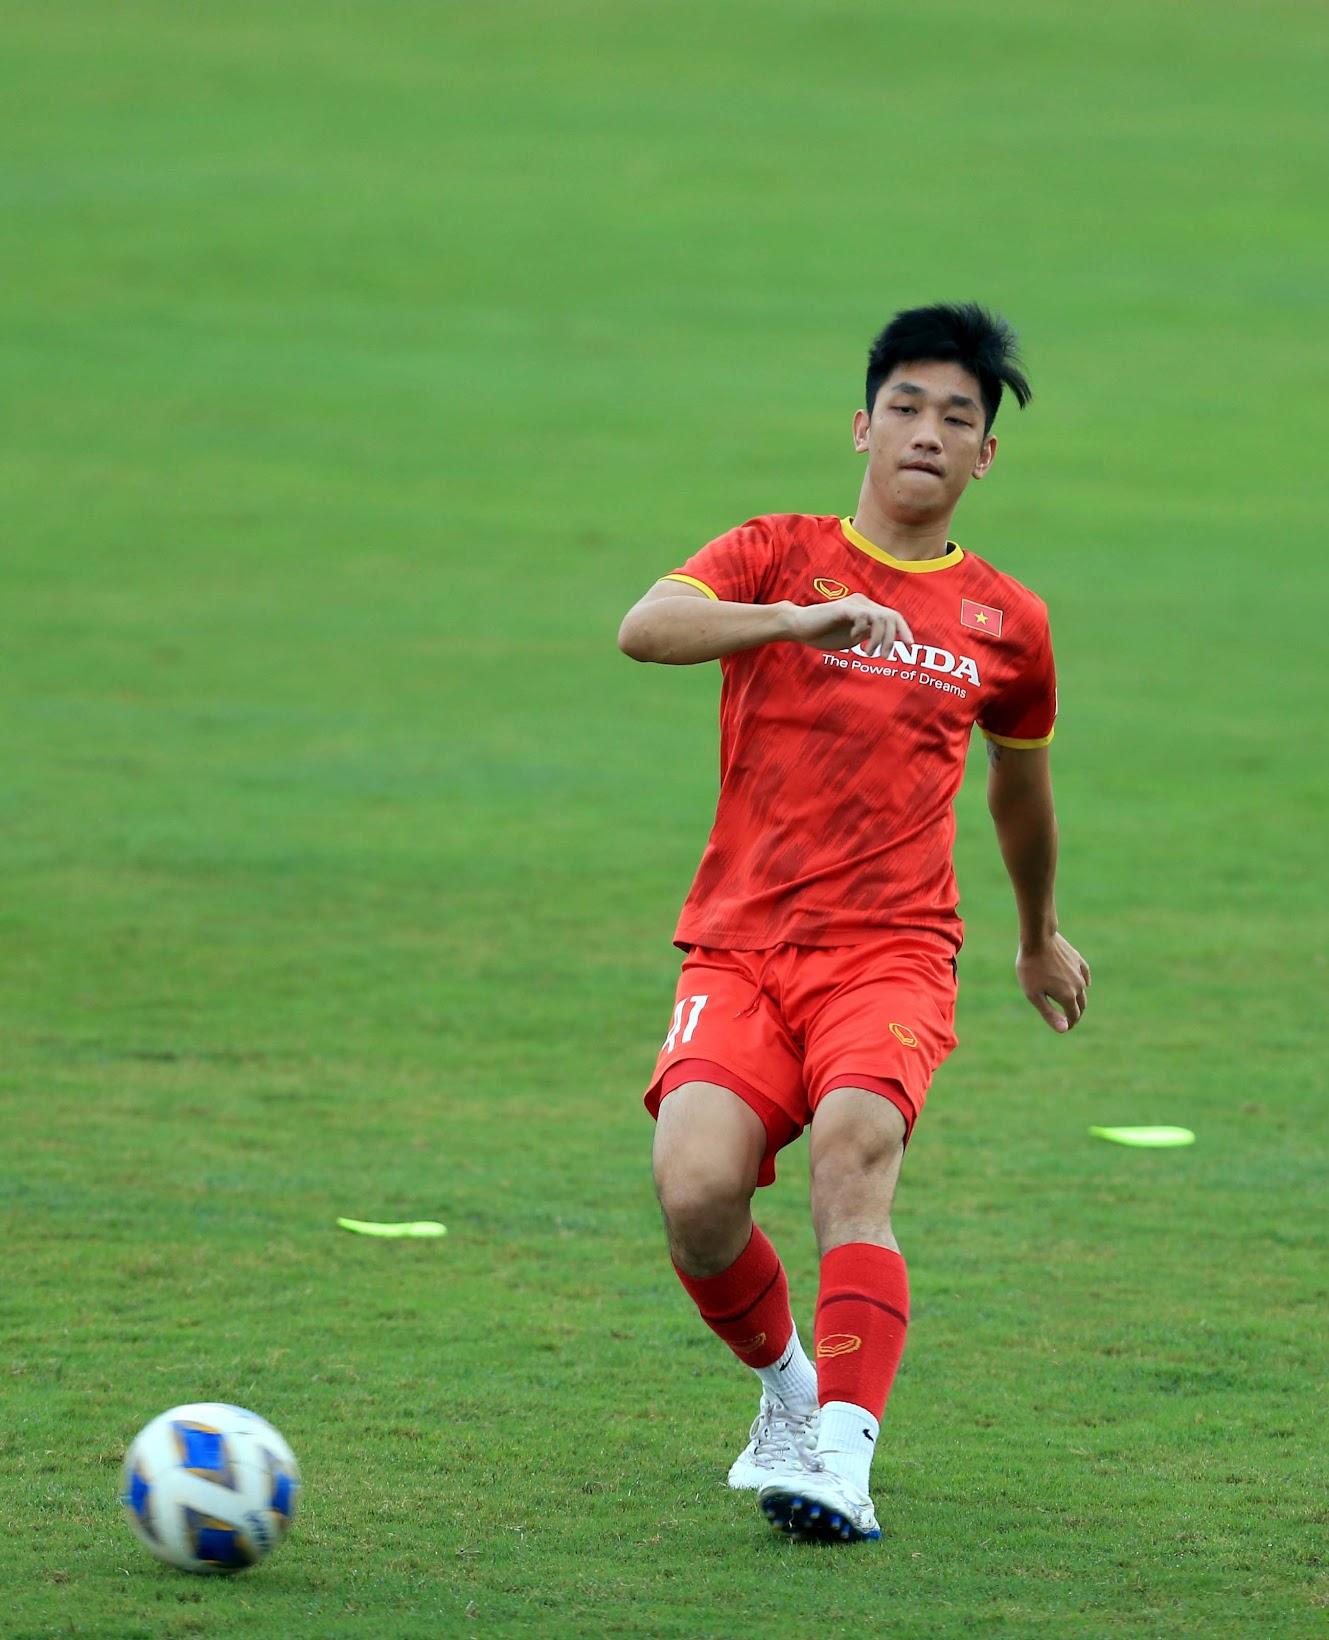 Tuấn Anh và đồng đội hào hứng khi trở thành thủ môn bất đắc dĩ cho tuyển Việt Nam - ảnh 27